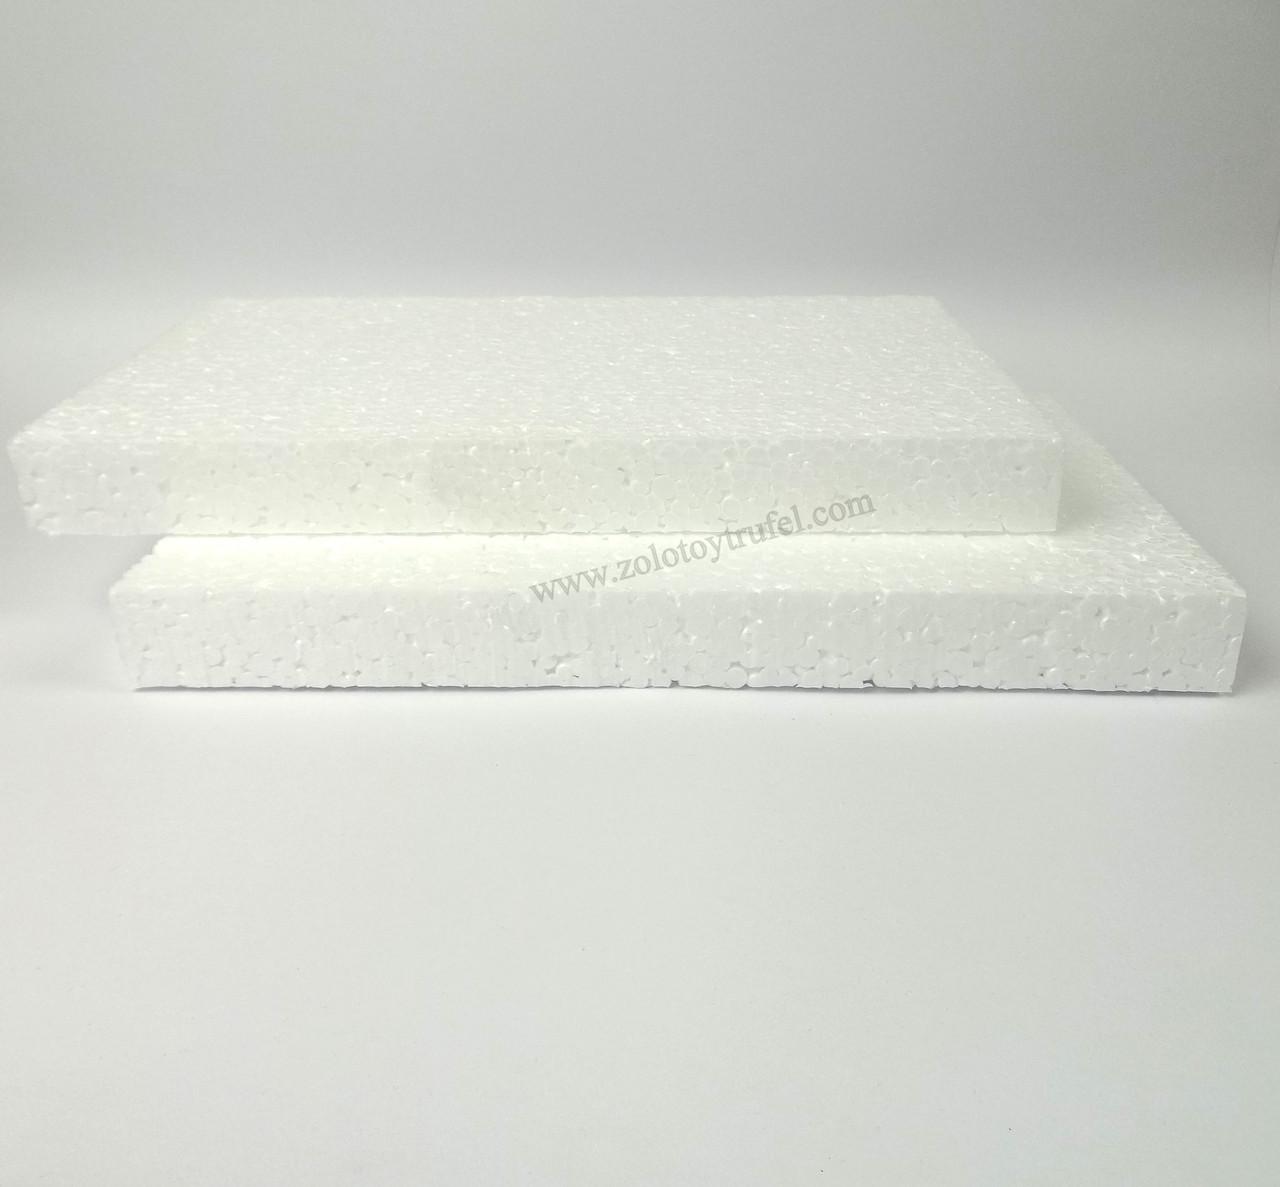 Прослойки пенопластовые для торта 35*35 см h 3 см